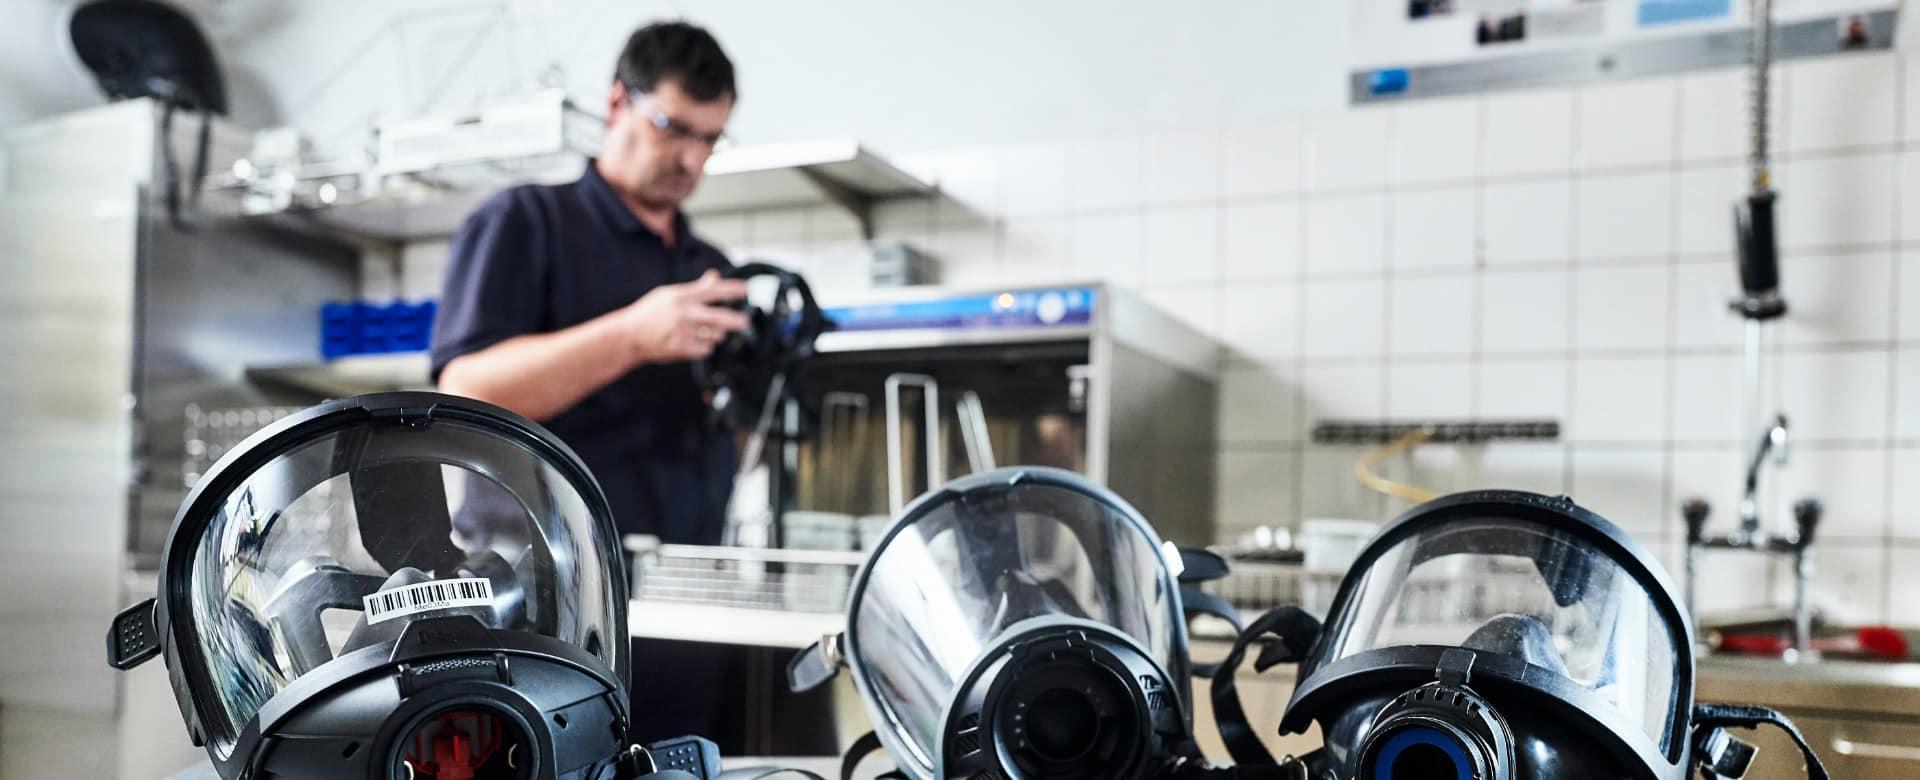 professional-tecnologia-di-lavanderia-lavare-topClean-schulthess